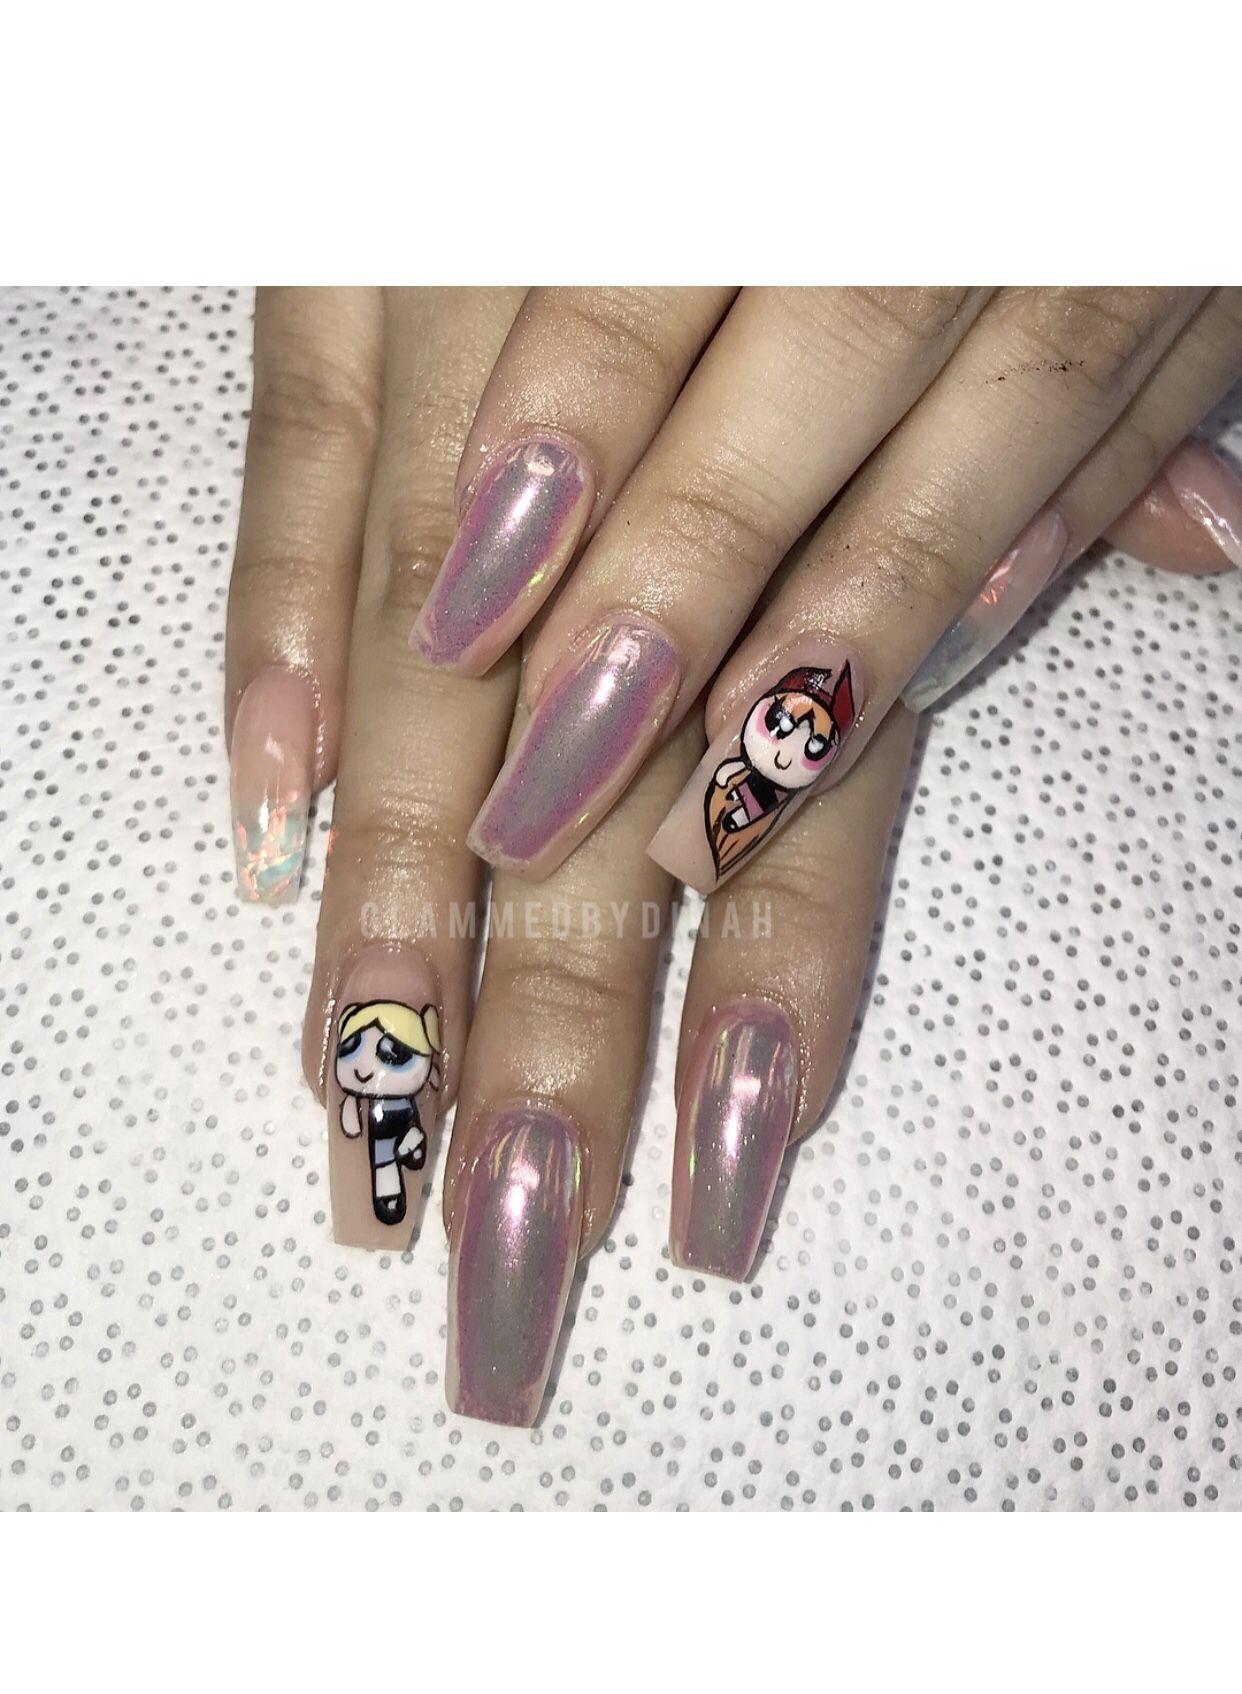 Powerpuff girls How to do nails, Nails, Powerpuff girls